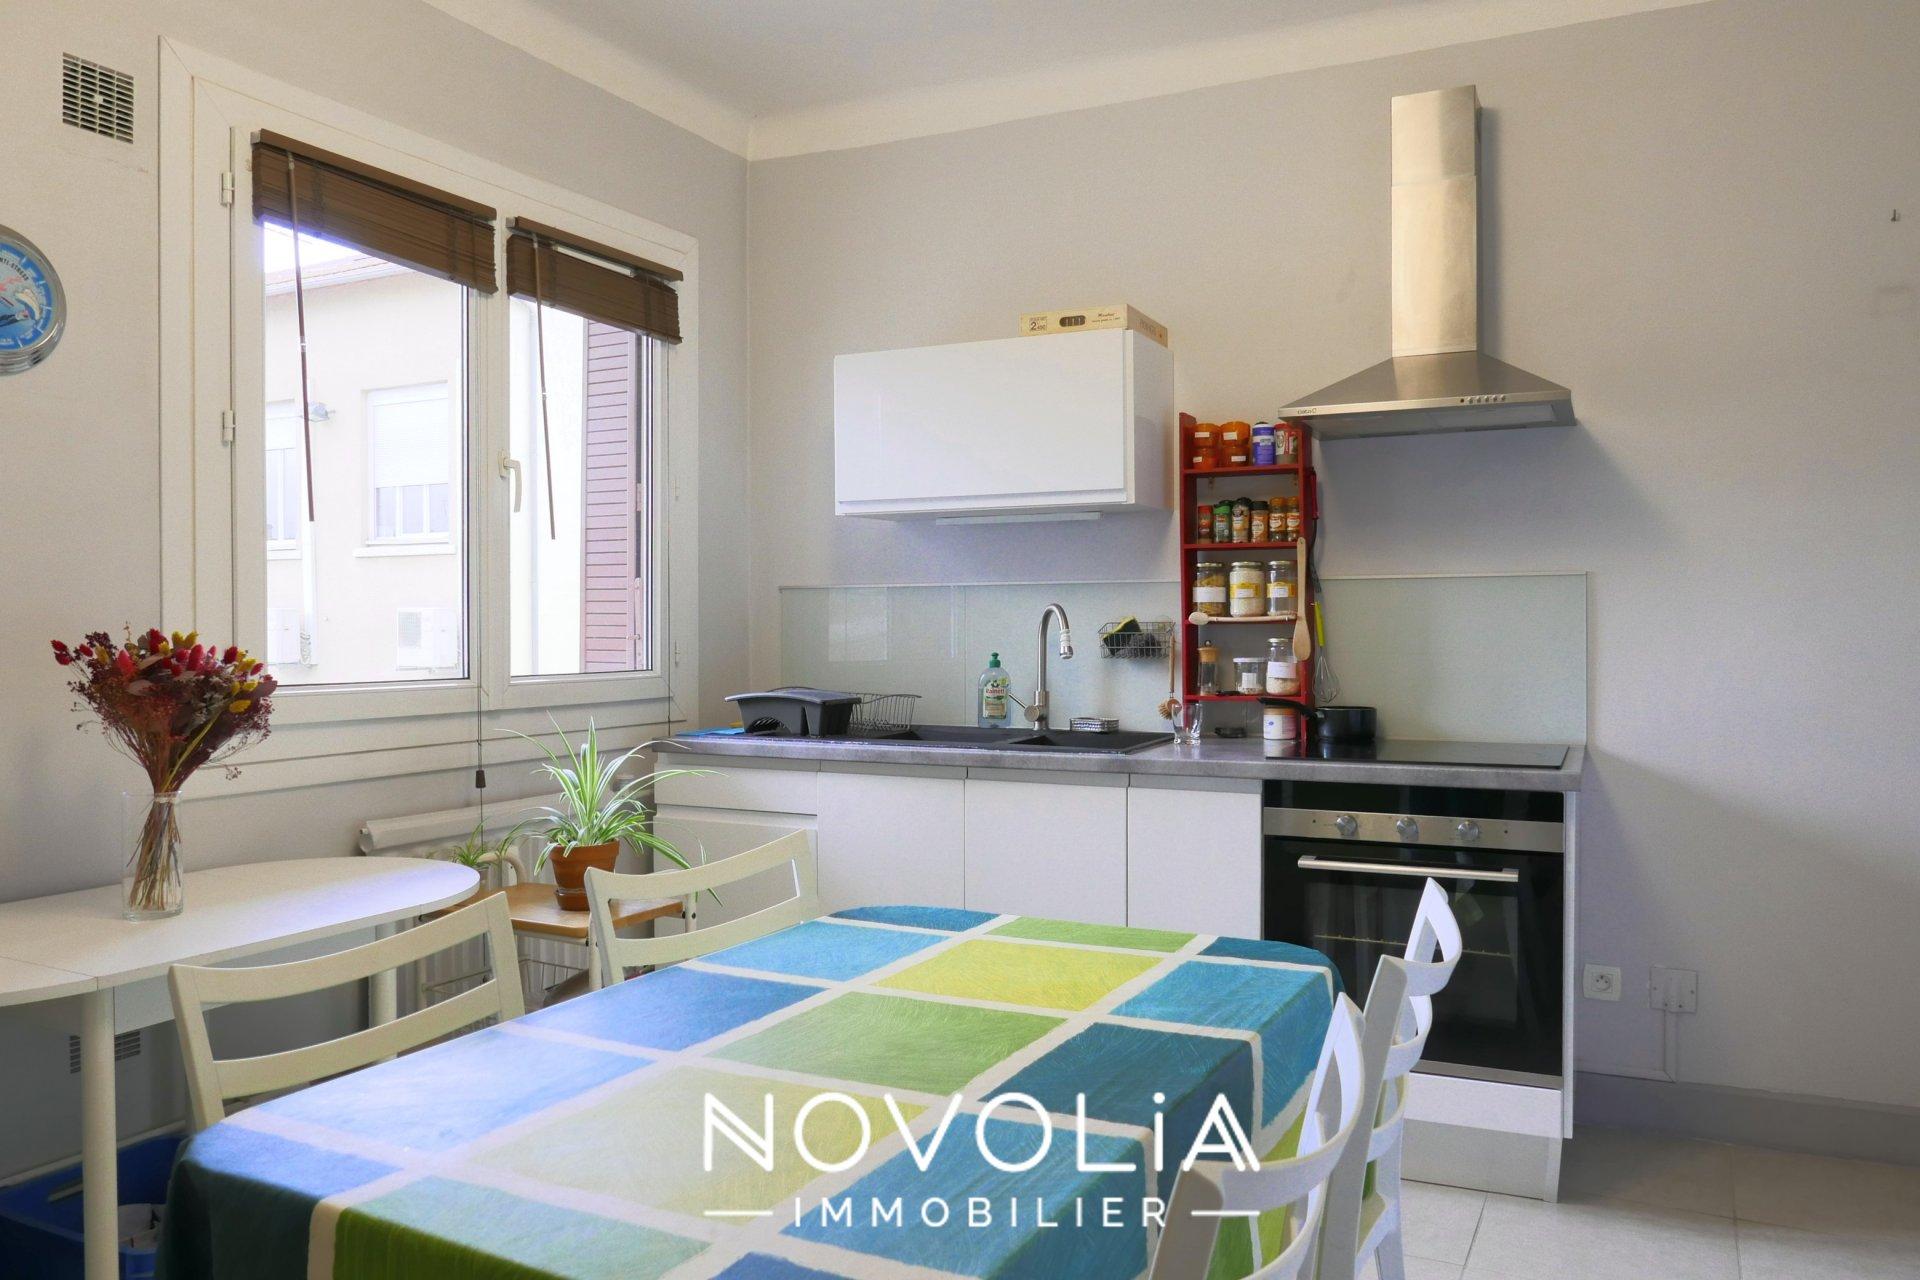 Achat Appartement Surface de 61.88 m²/ Total carrez : 61.72 m², 3 pièces, Villeurbanne (69100)